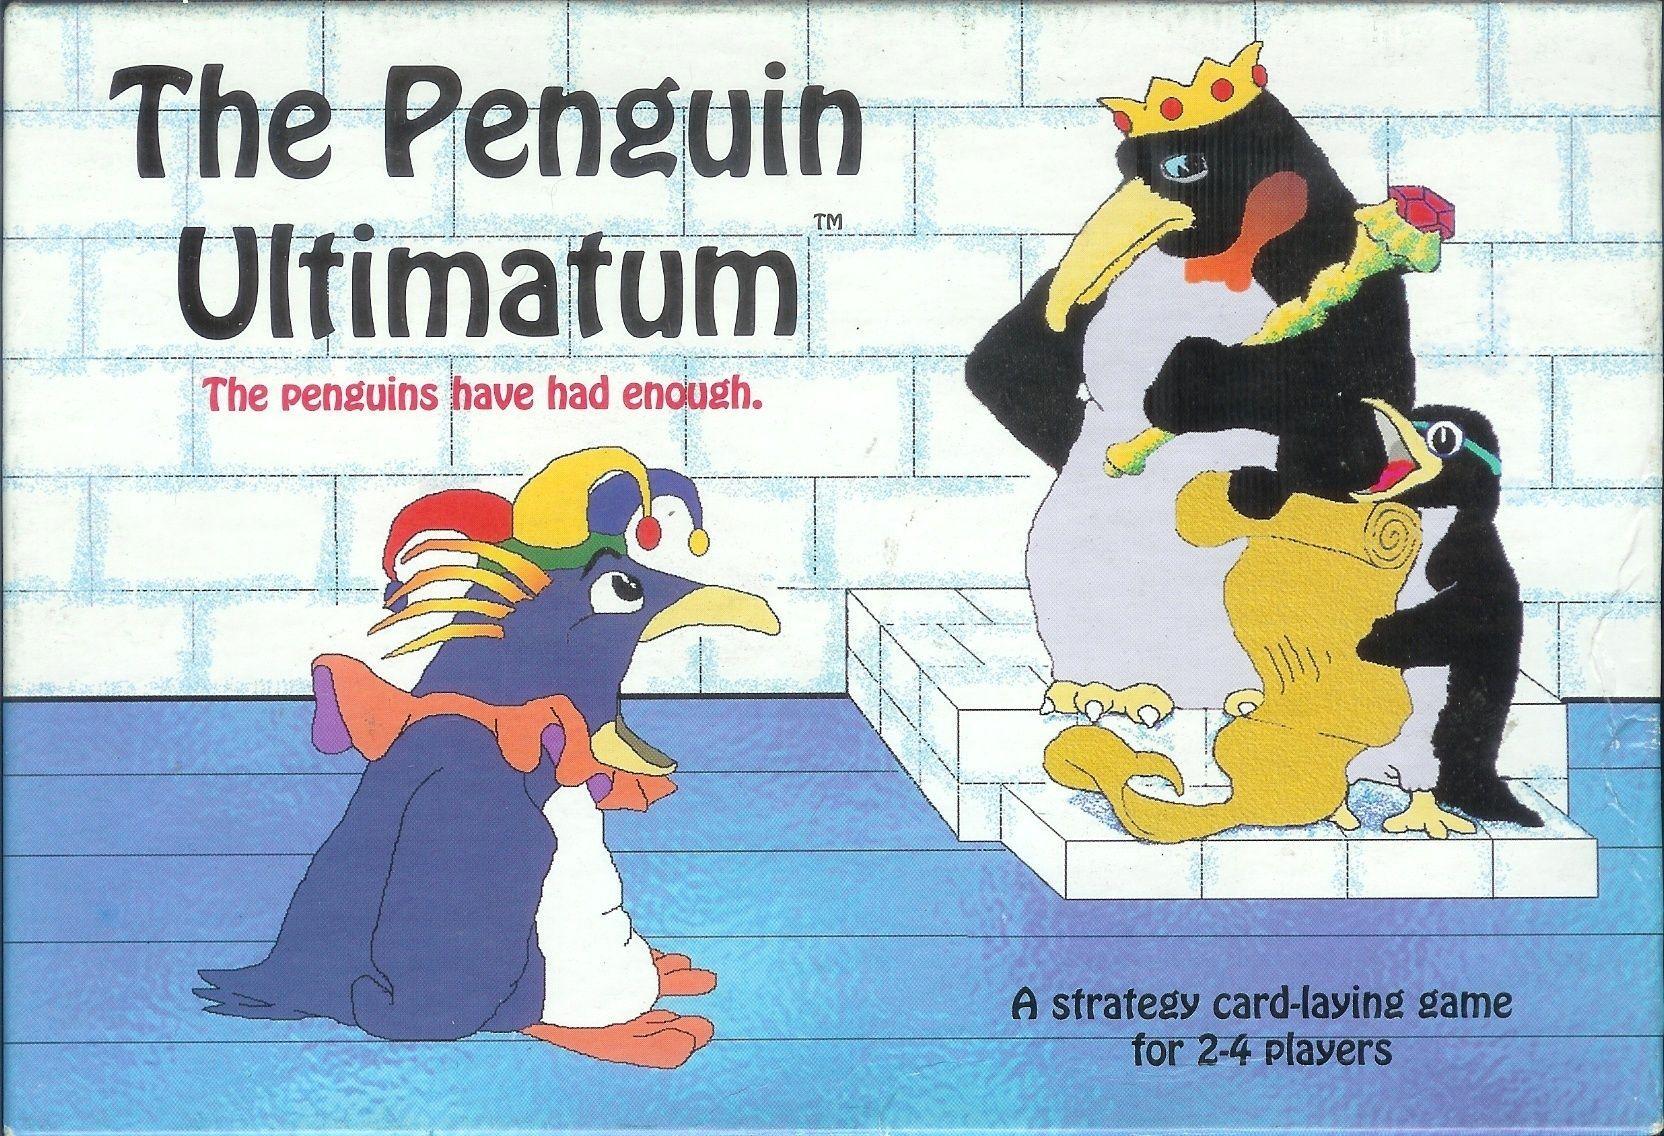 The Penguin Ultimatum